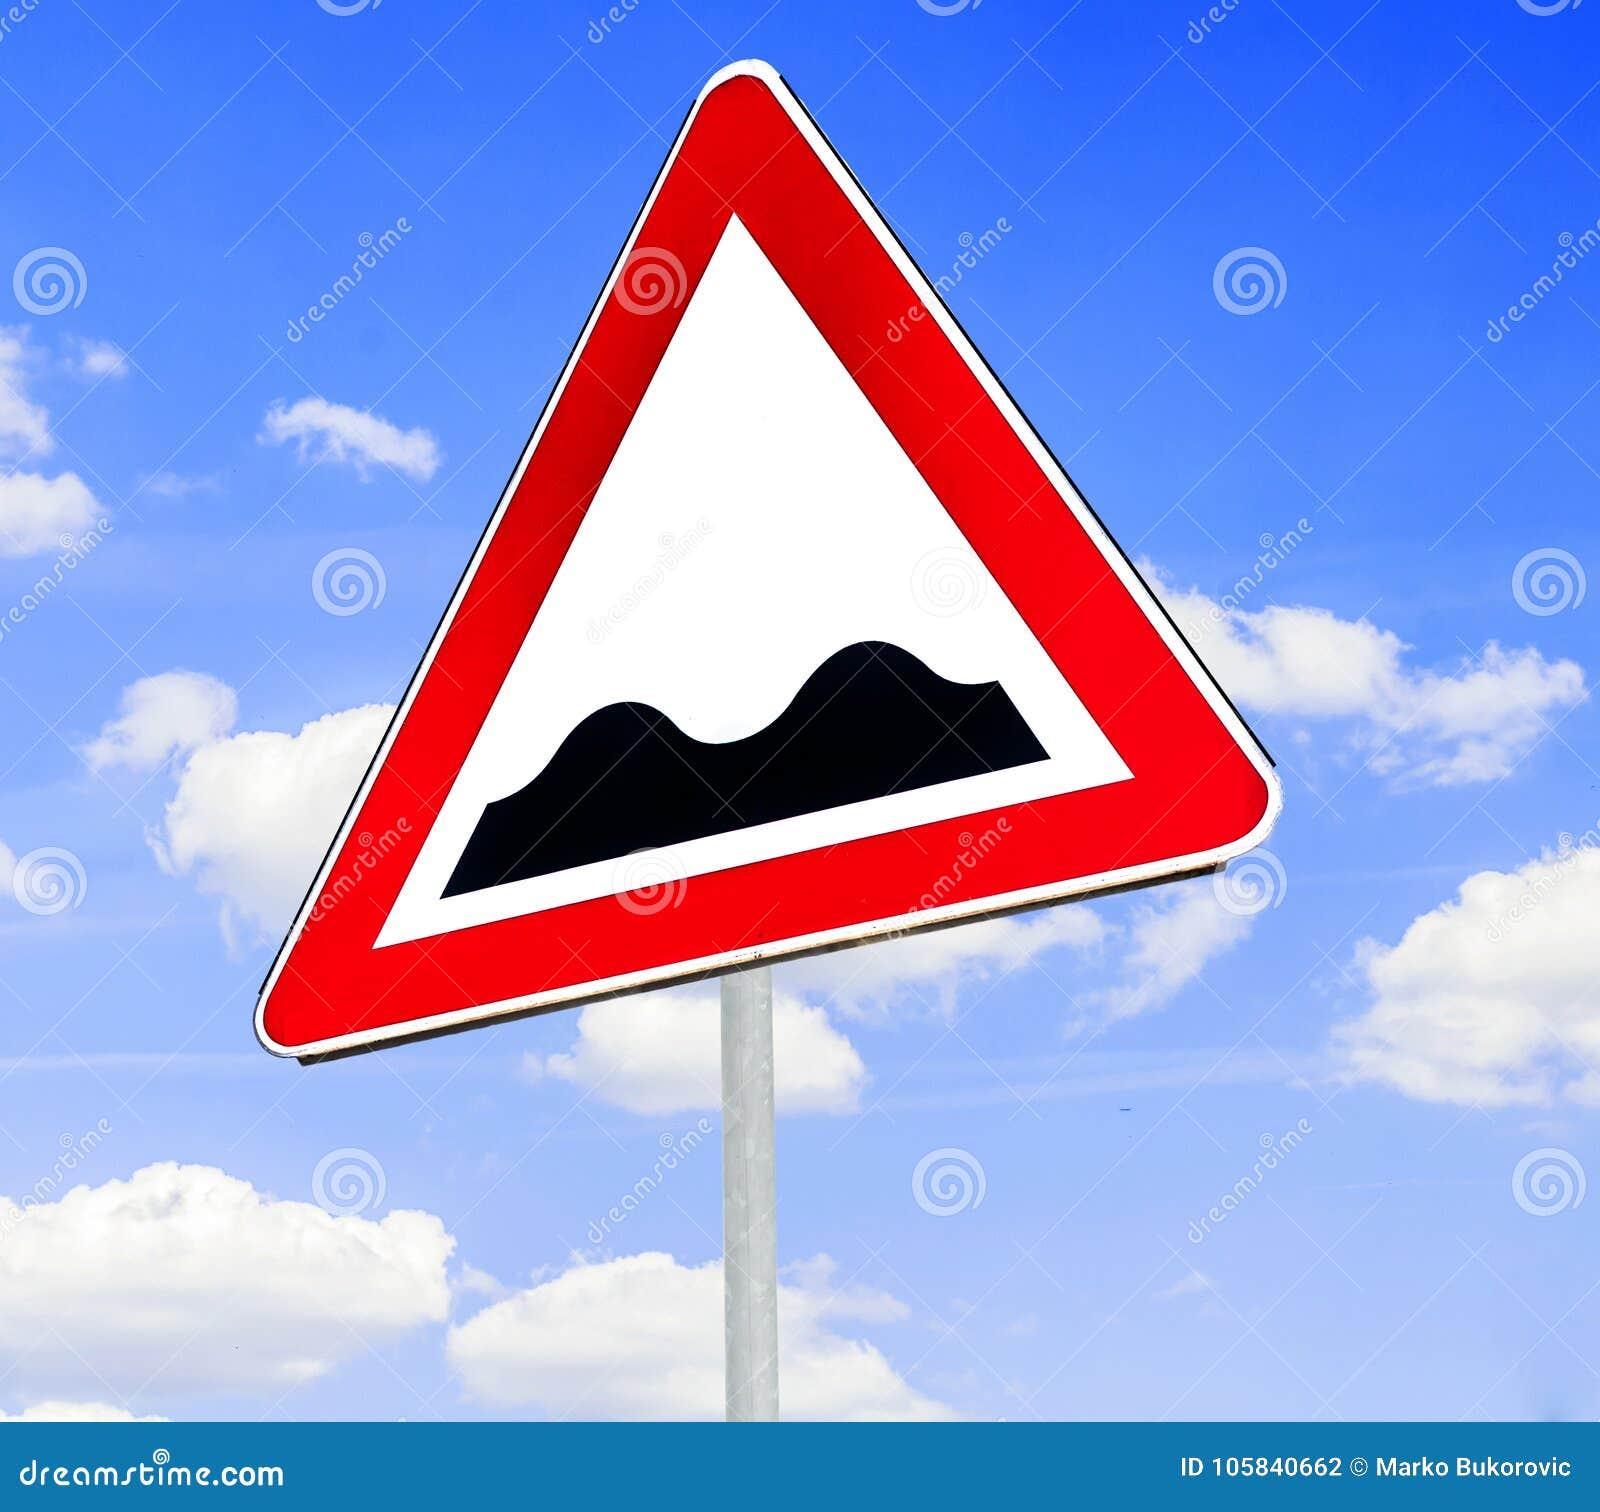 Segnale stradale d avvertimento triangolare rosso e bianco con un avvertimento di una strada irregolare avanti